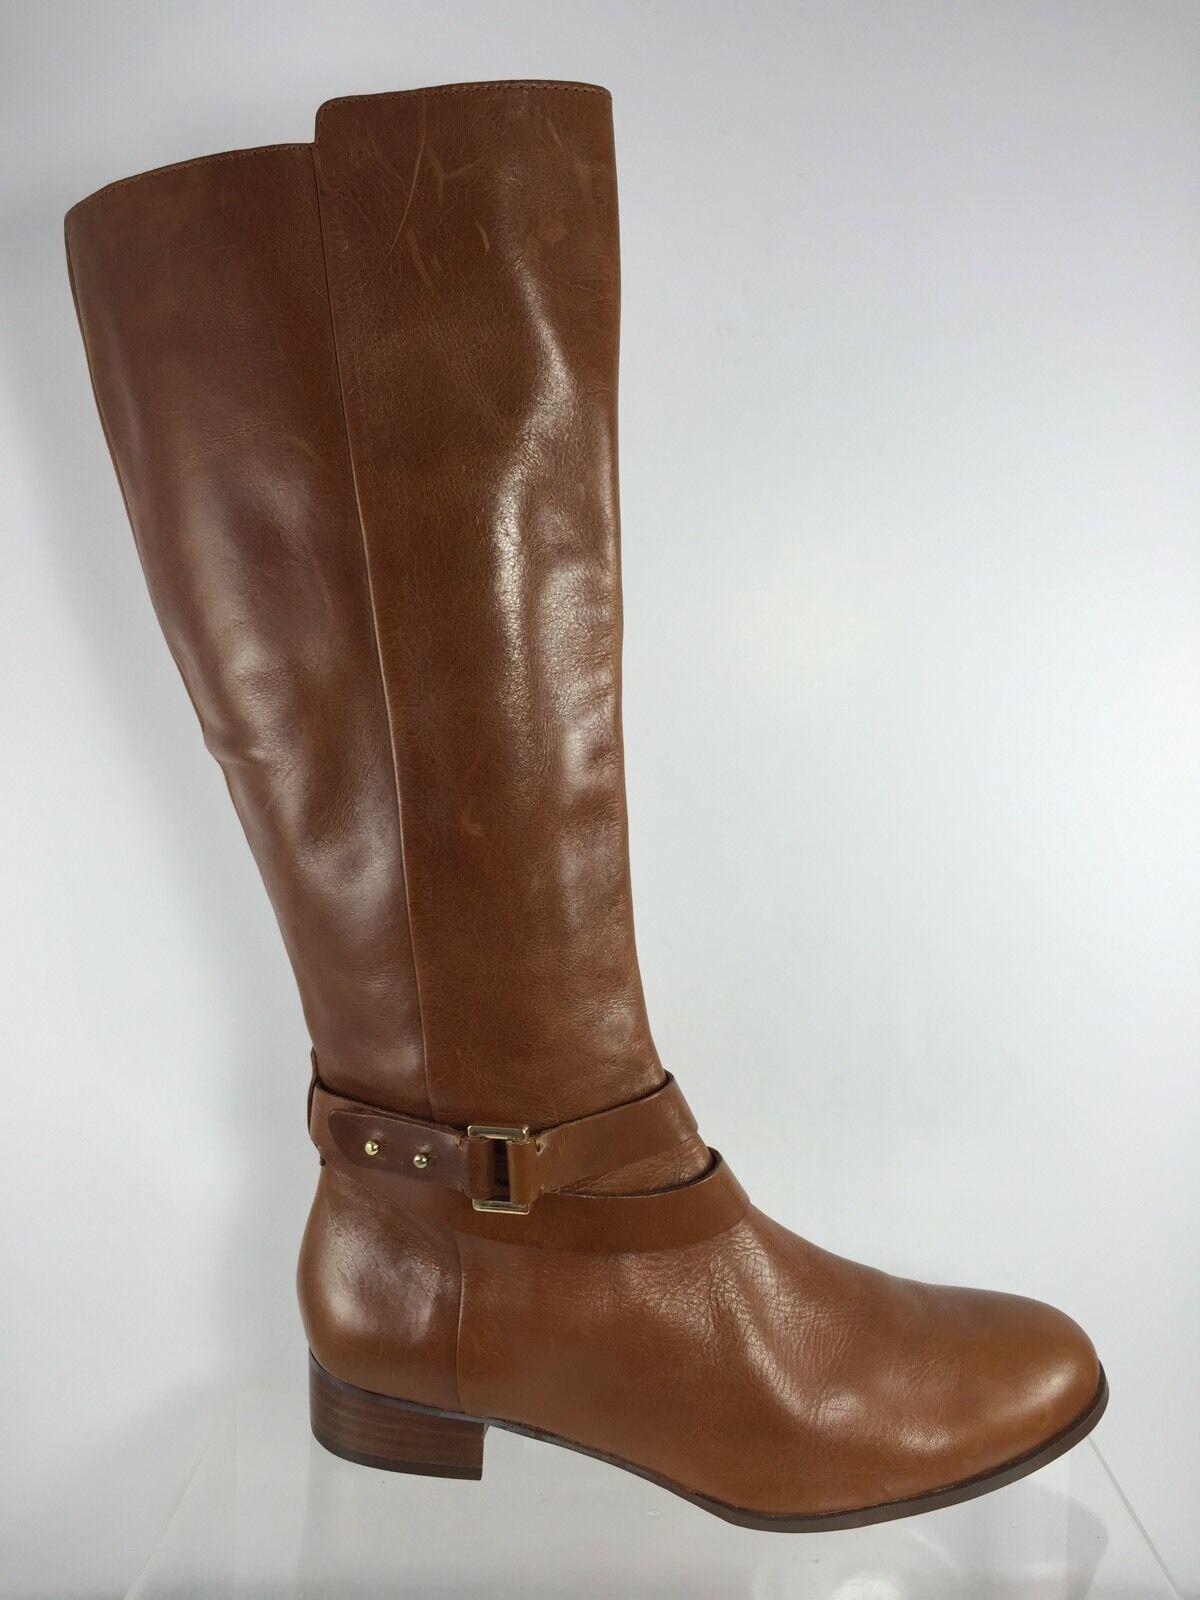 Louise et Cie Cie Cie para Mujer Marrón Rodilla botas 11 B  disfrutando de sus compras